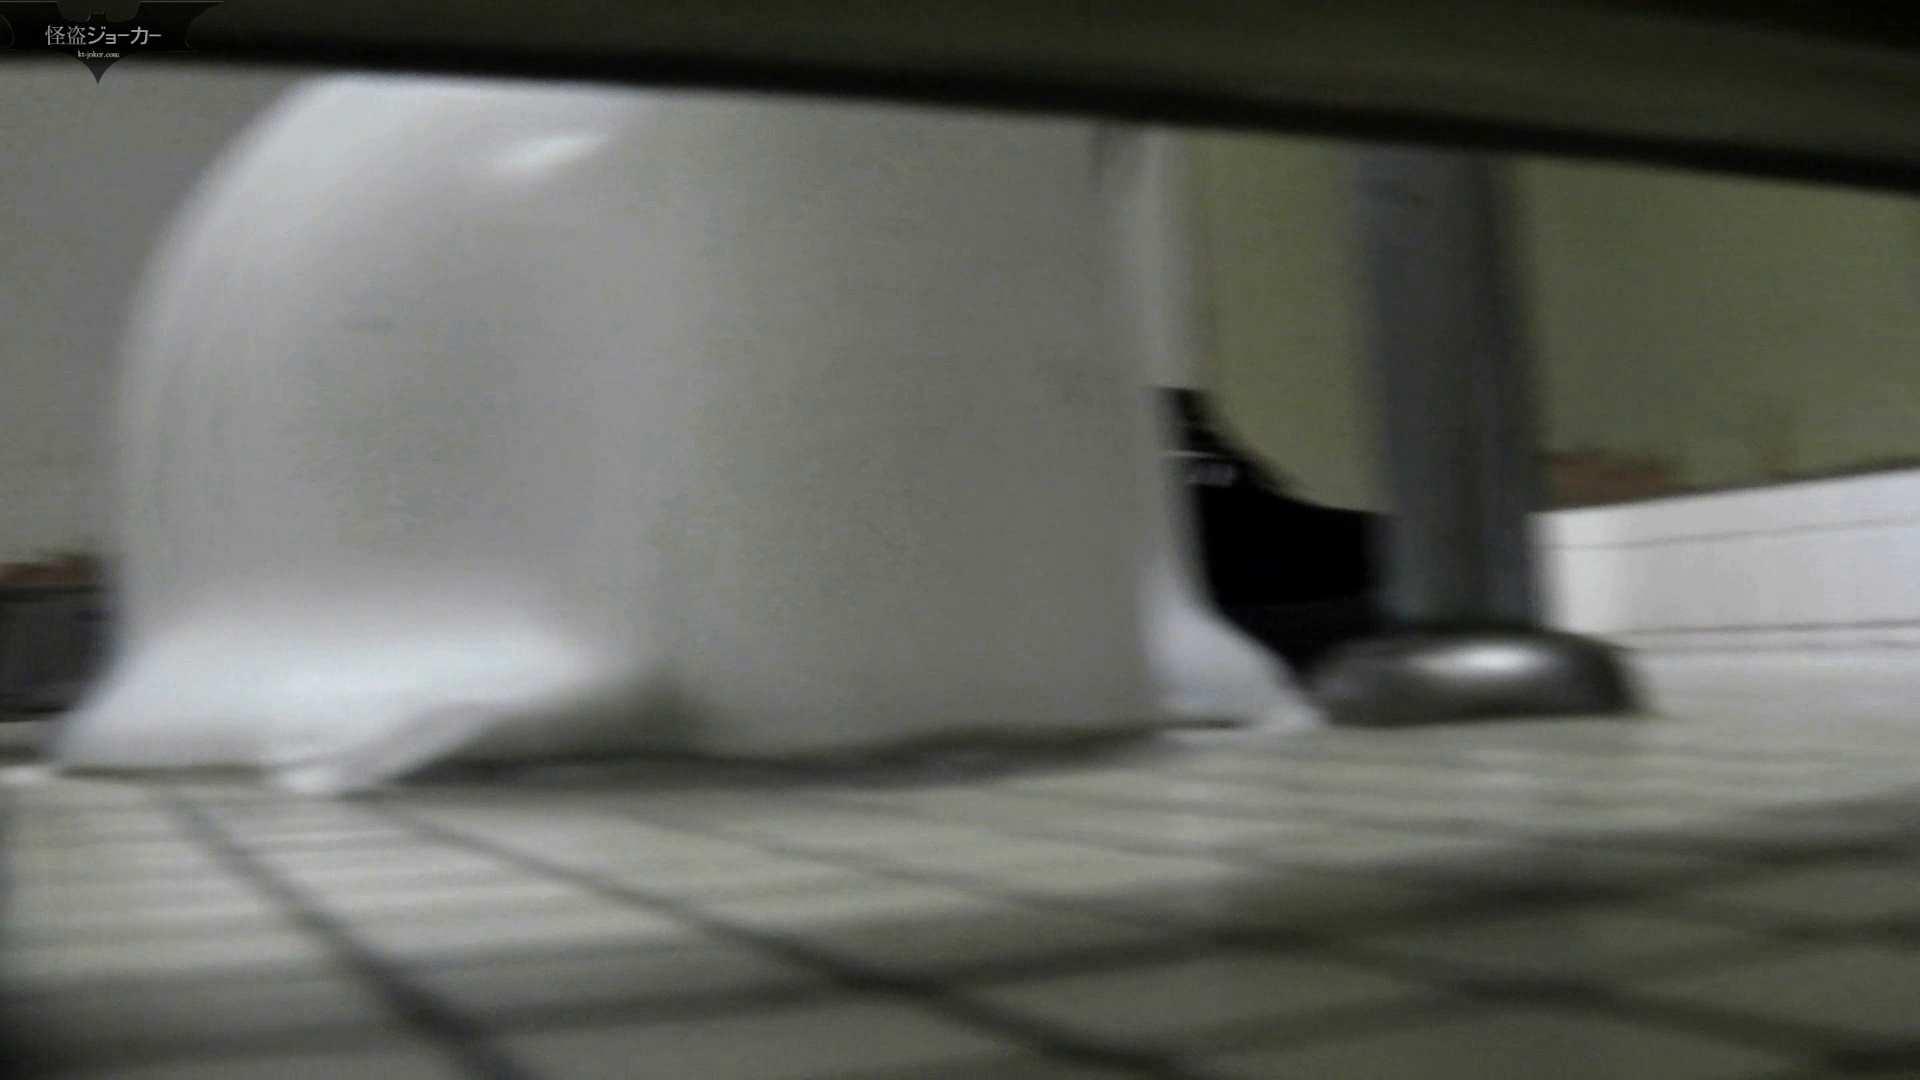 【美しき個室な世界】洗面所特攻隊 vol.051 エッチなOL  93枚 14